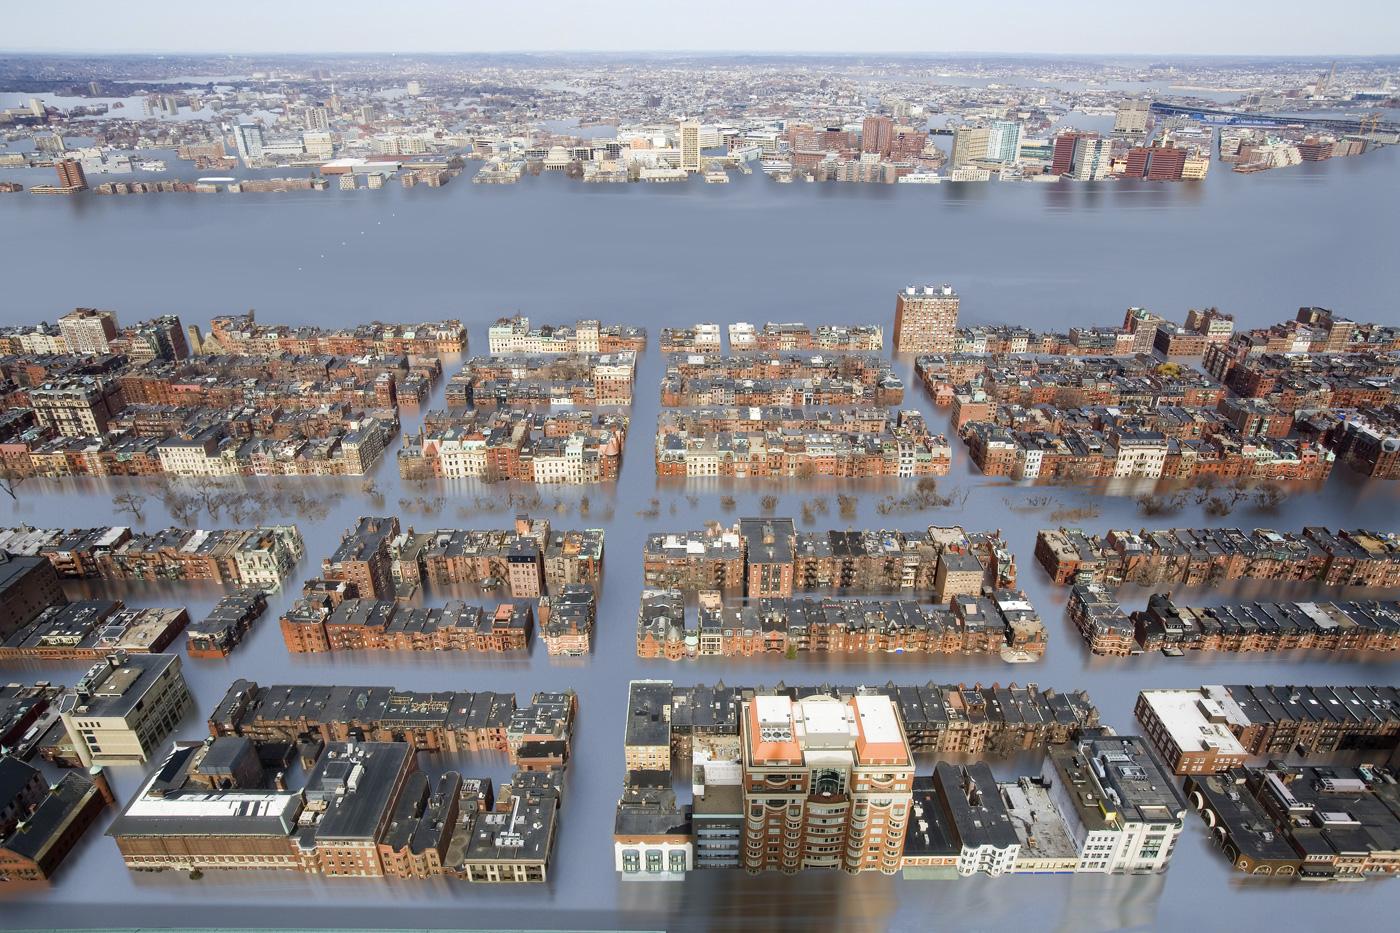 CLIMA. Imagen de Climate Central en la que se muestra un escenario potencial de un futuro aumento del nivel del mar de 25 pies / Crédito: Nickolay Lamm